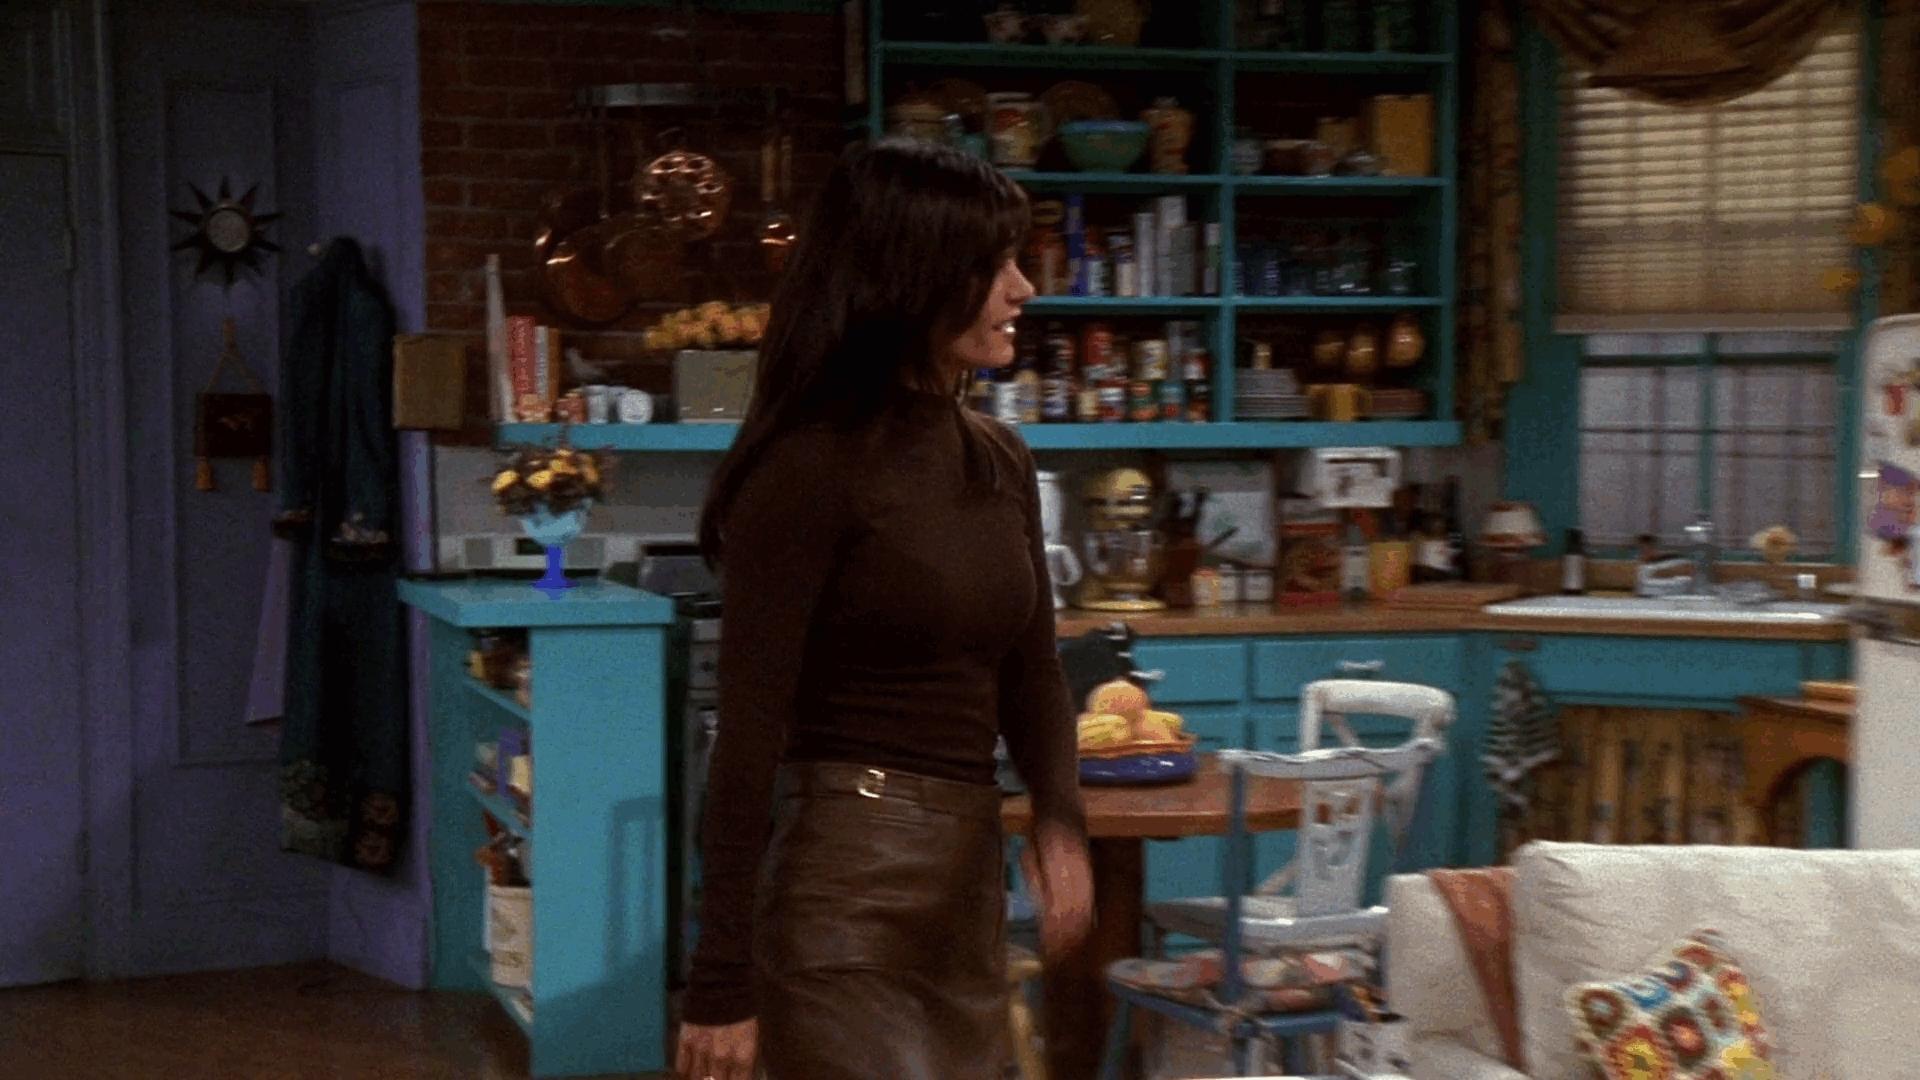 chandler bing, friends, howyoudoin, Cool girlfriend - Monica Geller from FRIENDS GIFs